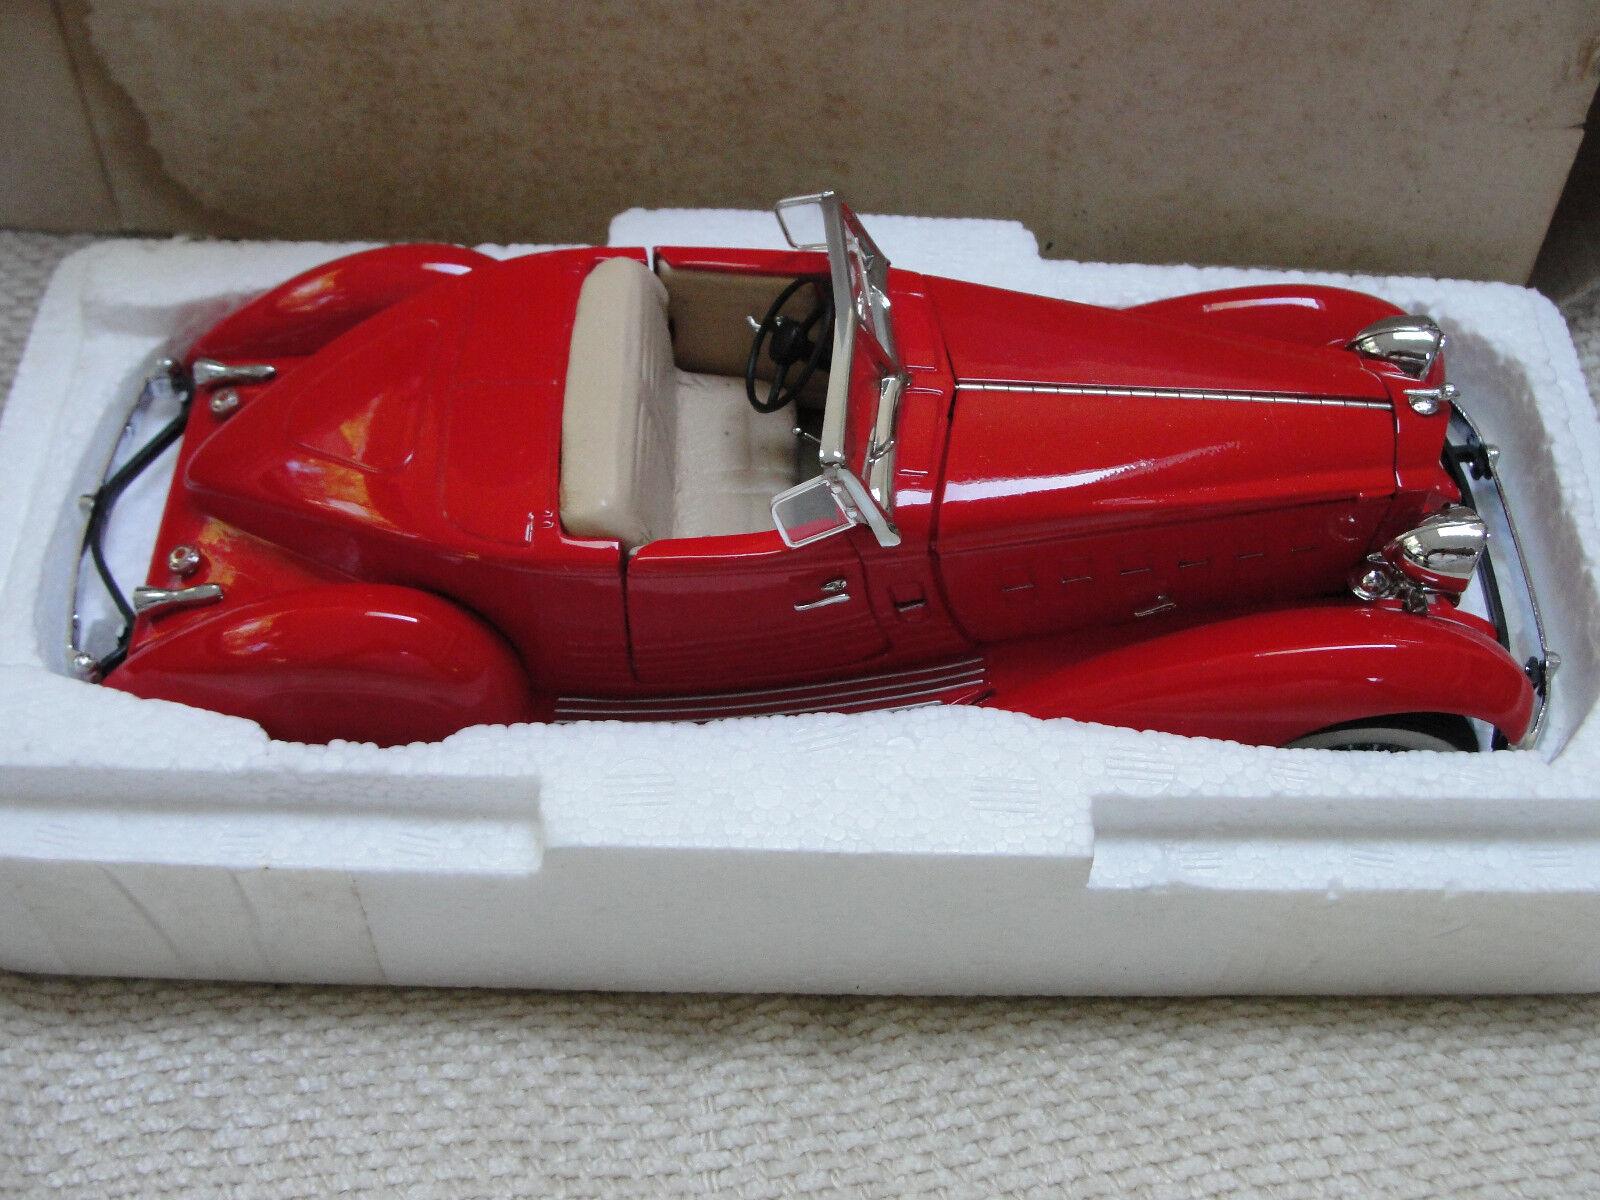 suministramos lo mejor Danbury como como como nuevo 1934 Packard-V12 Con Caja  buscando agente de ventas